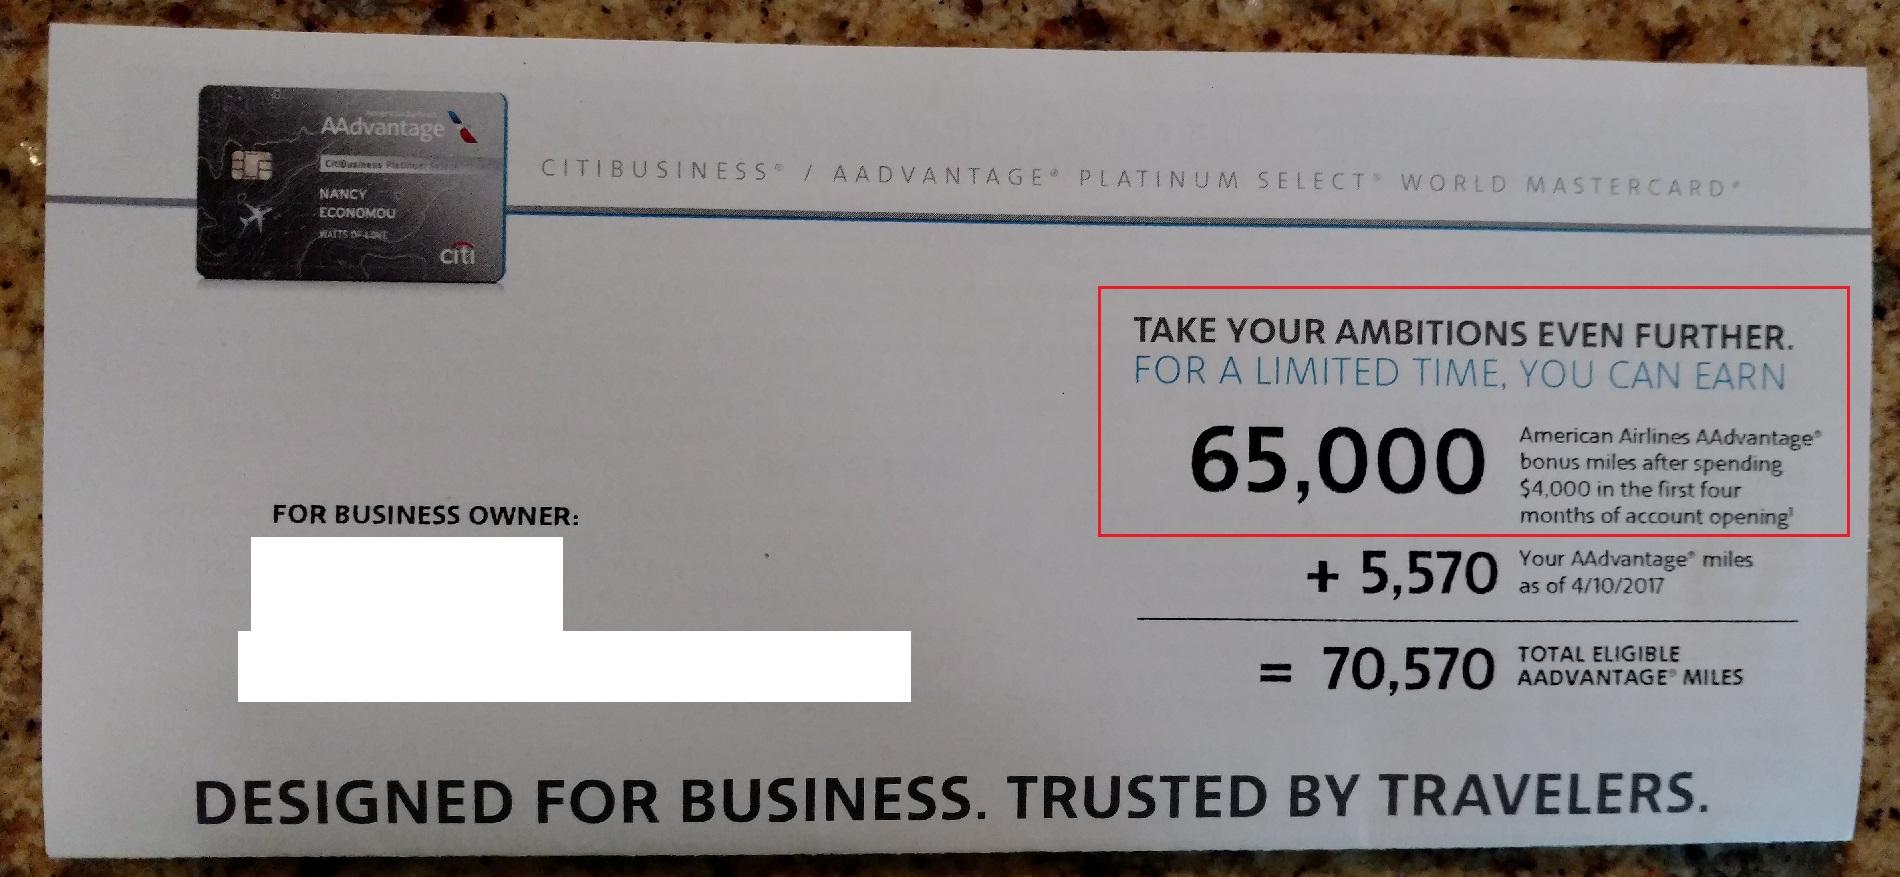 Citibusiness 65K Offer